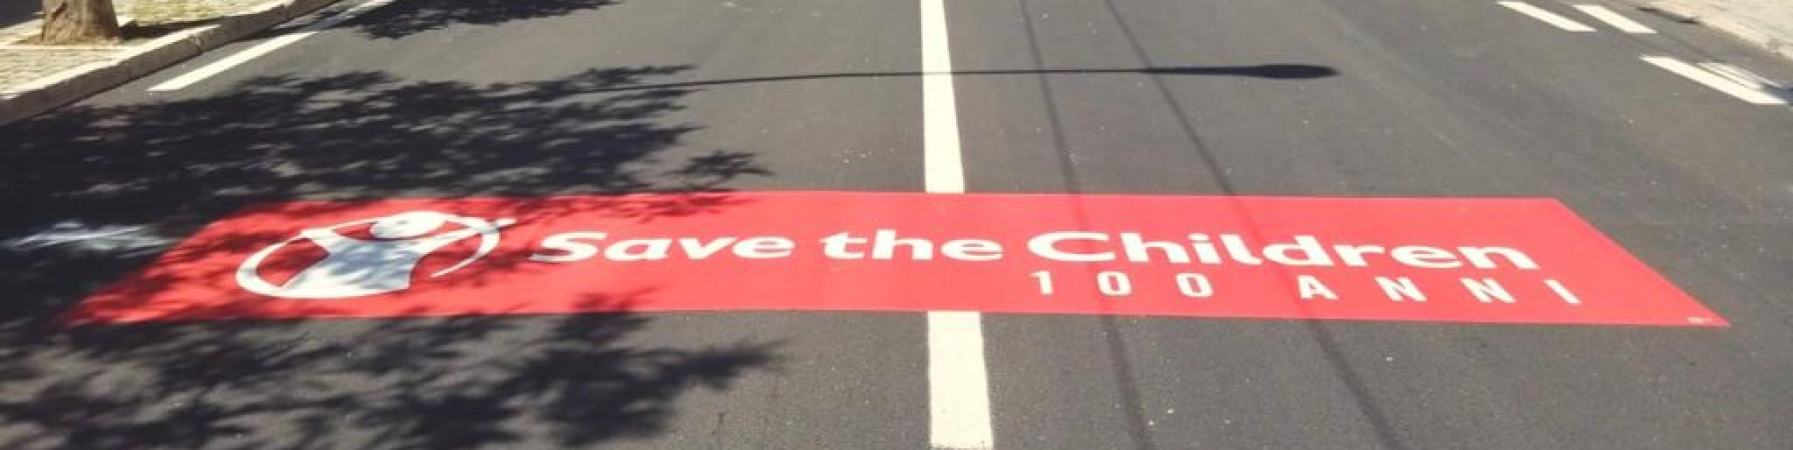 Il chilometro dedicato a Save the Children nella settima tappa del Giro d Italia